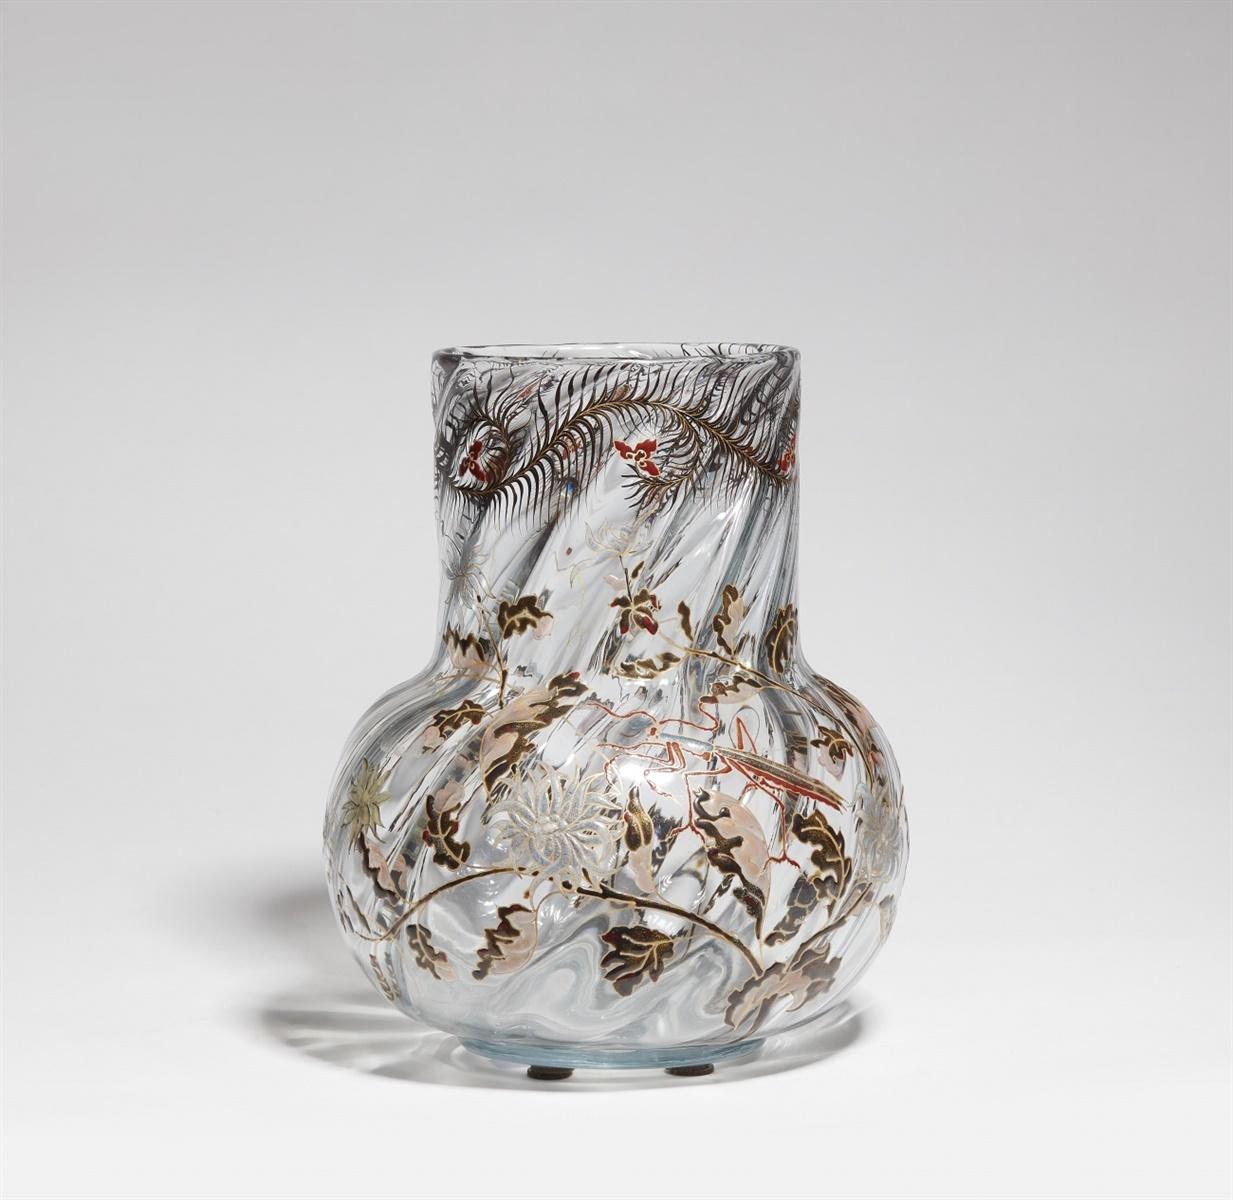 Lot 15 - Vase mante religieuseSchräg geripptes Klarglas mit polychromem Reliefemail, goldkonturiert,